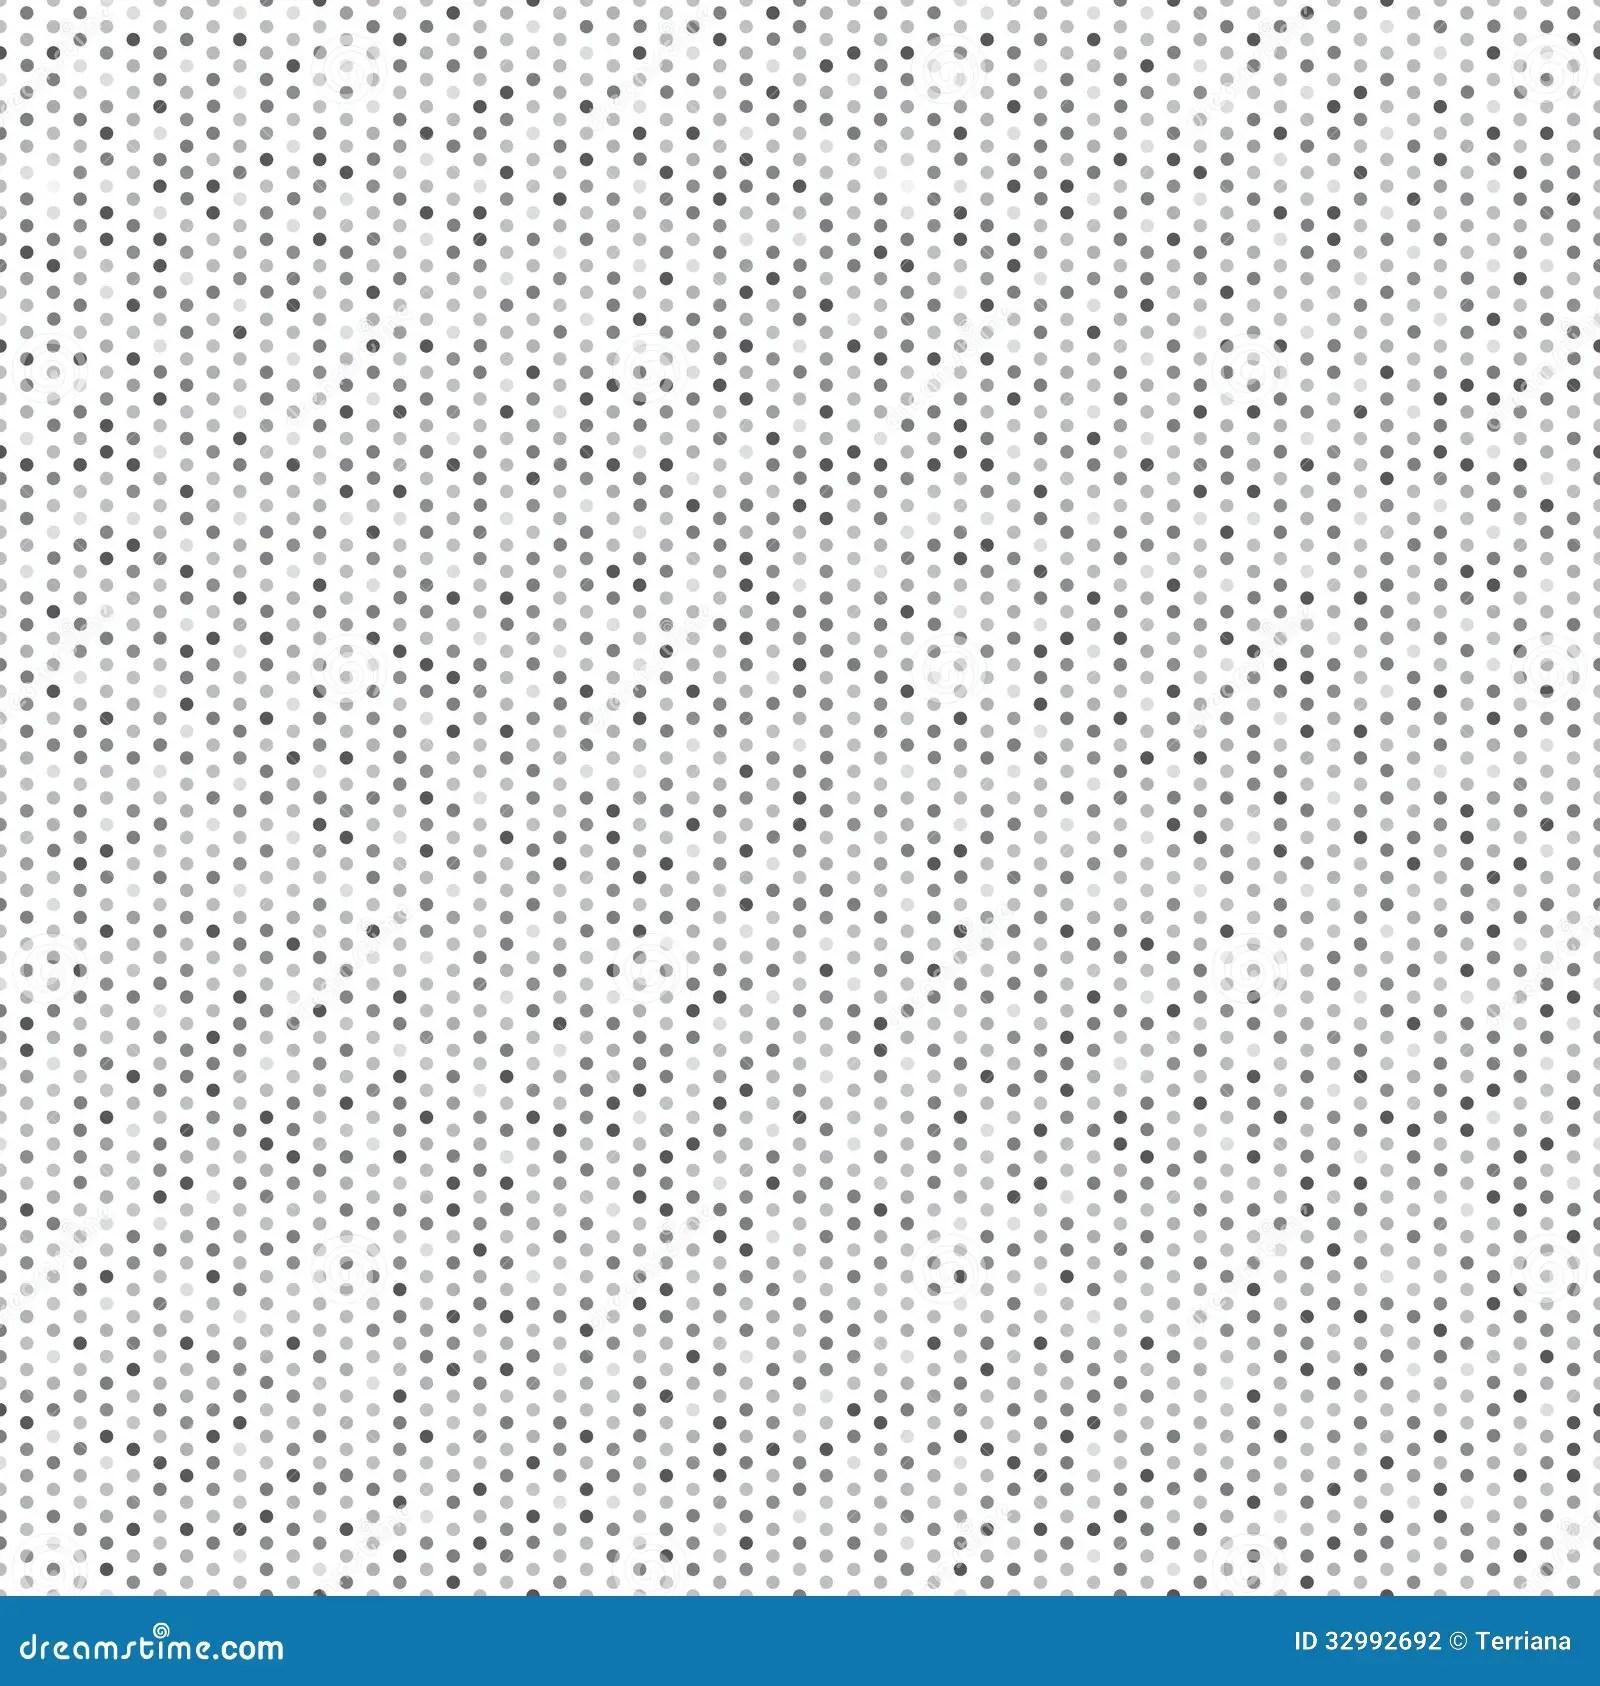 White Tiles Texture Seamless Polka Dot Background Stock